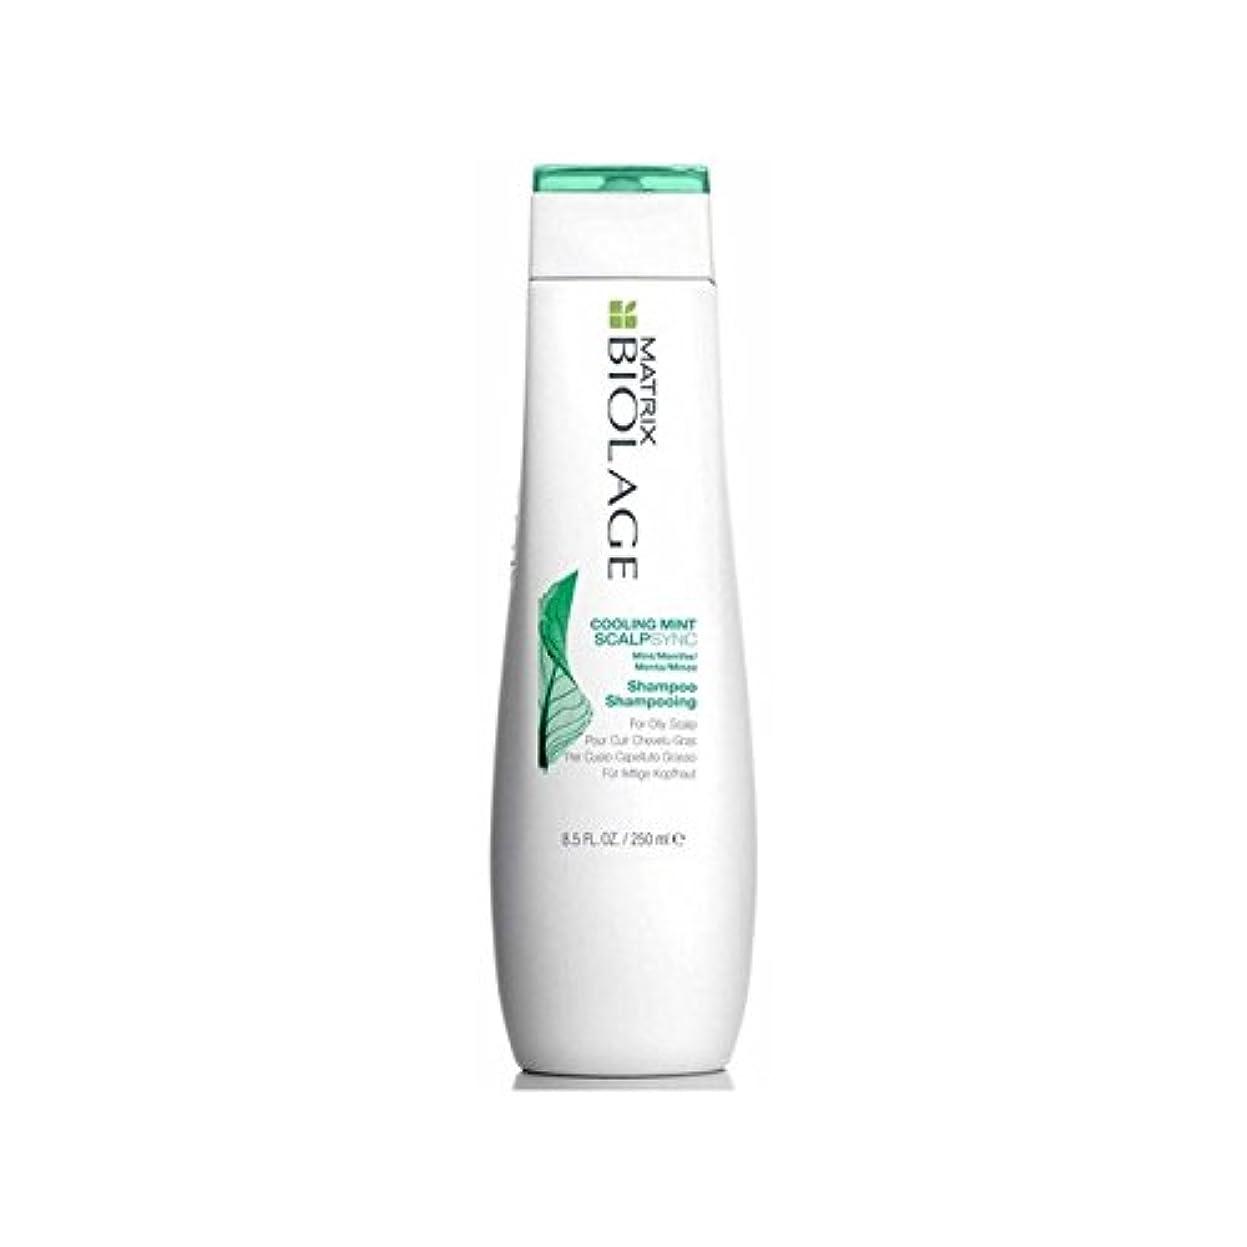 クラッチ圧力天皇Matrix Biolage Scalptherapie Scalp Cooling Mint Shampoo (250ml) - ミントシャンプー(250ミリリットル)を冷却マトリックスバイオレイジの頭皮 [並行輸入品]